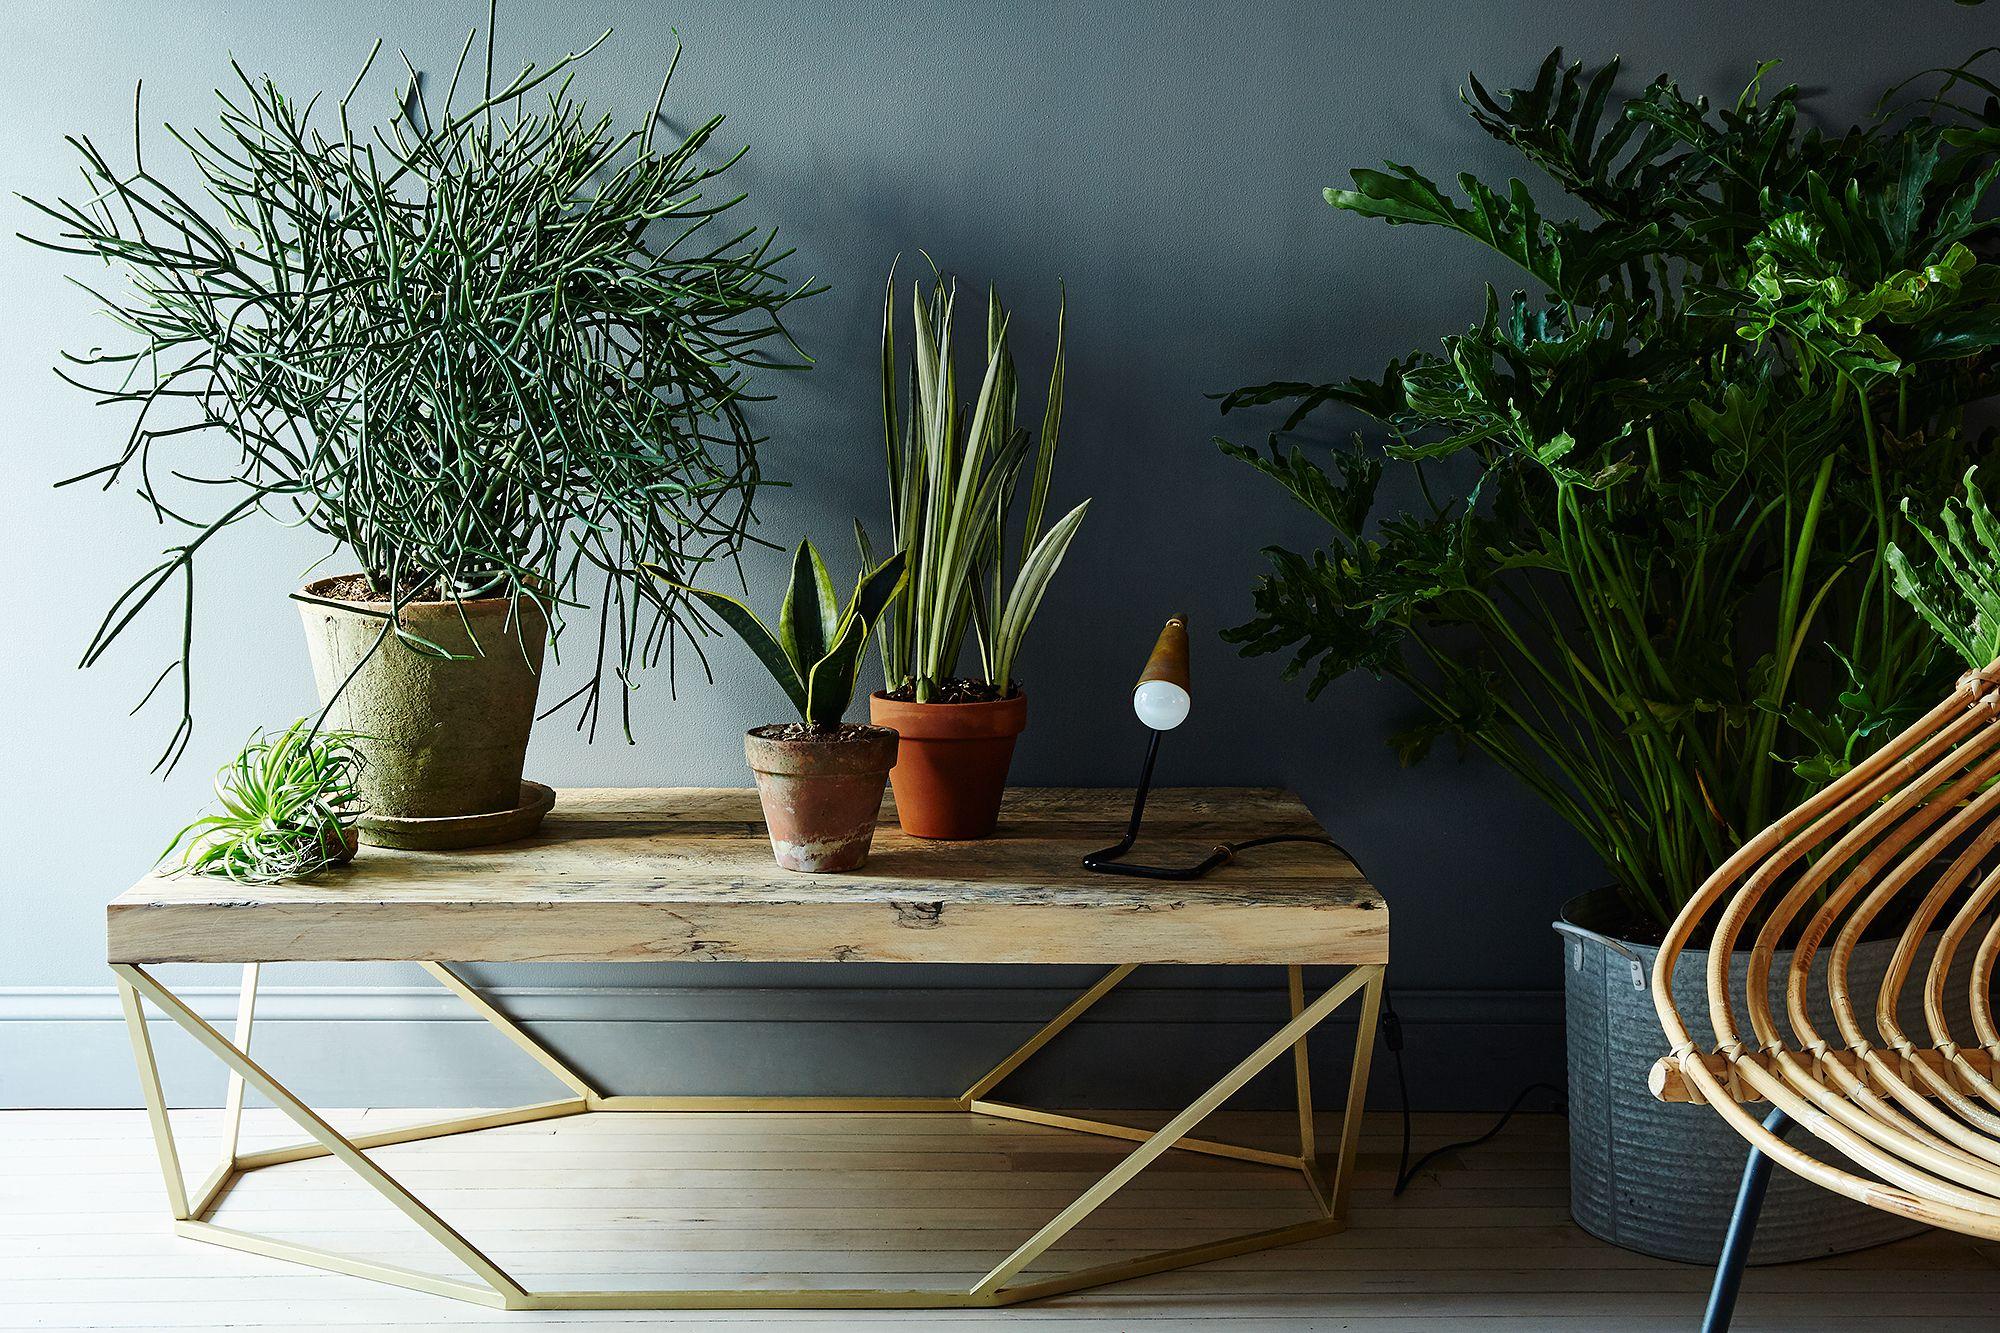 Комнатные растения в интерьере: оформление и уход за цветами